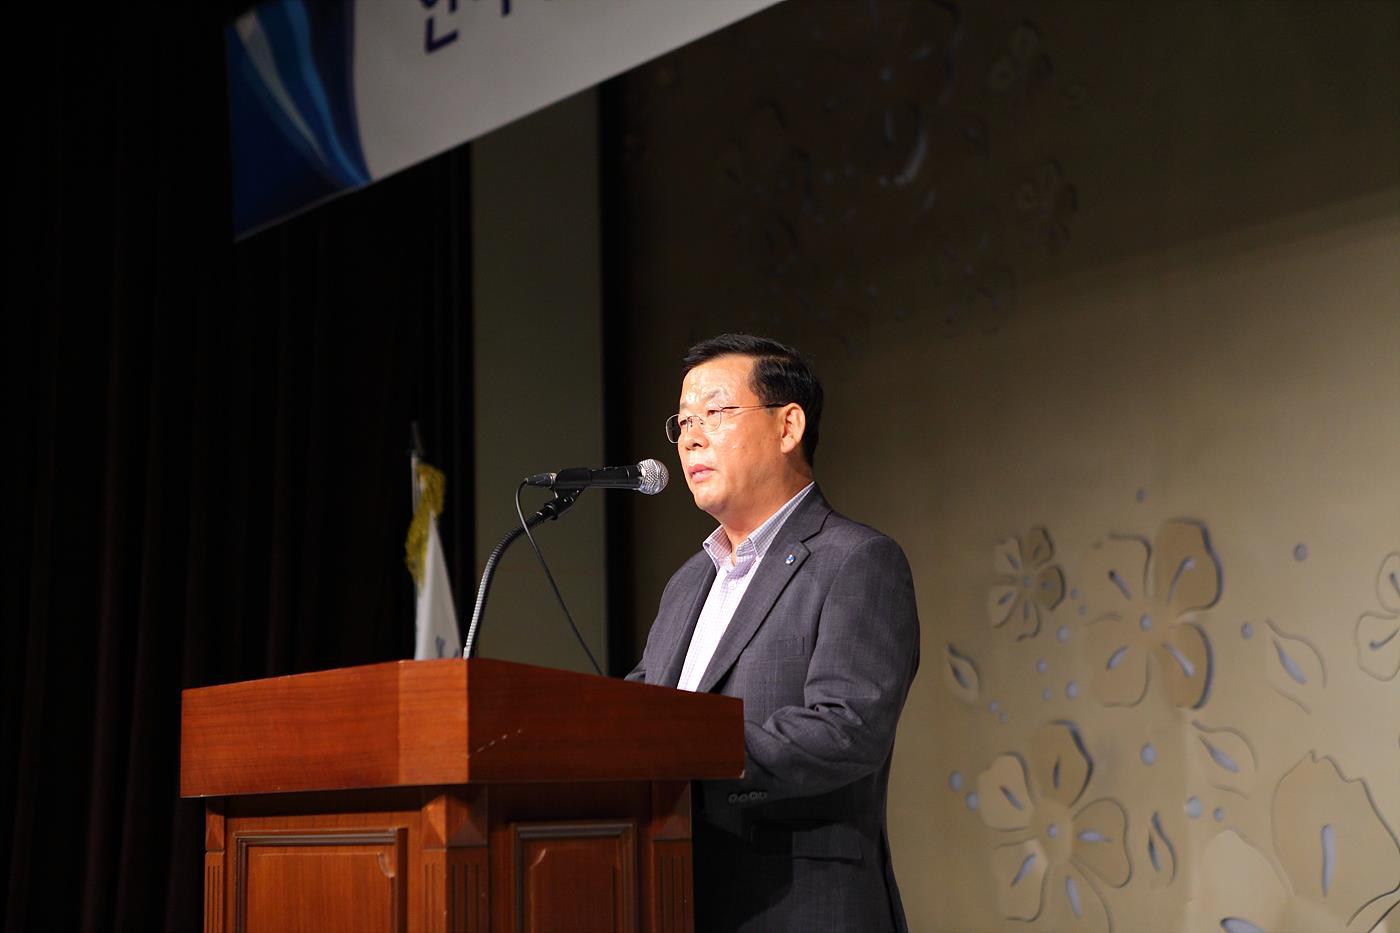 박병렬 KBS 제작기술본부장에서 방송 환경 변화와 이에 대한 대처를 요청했다